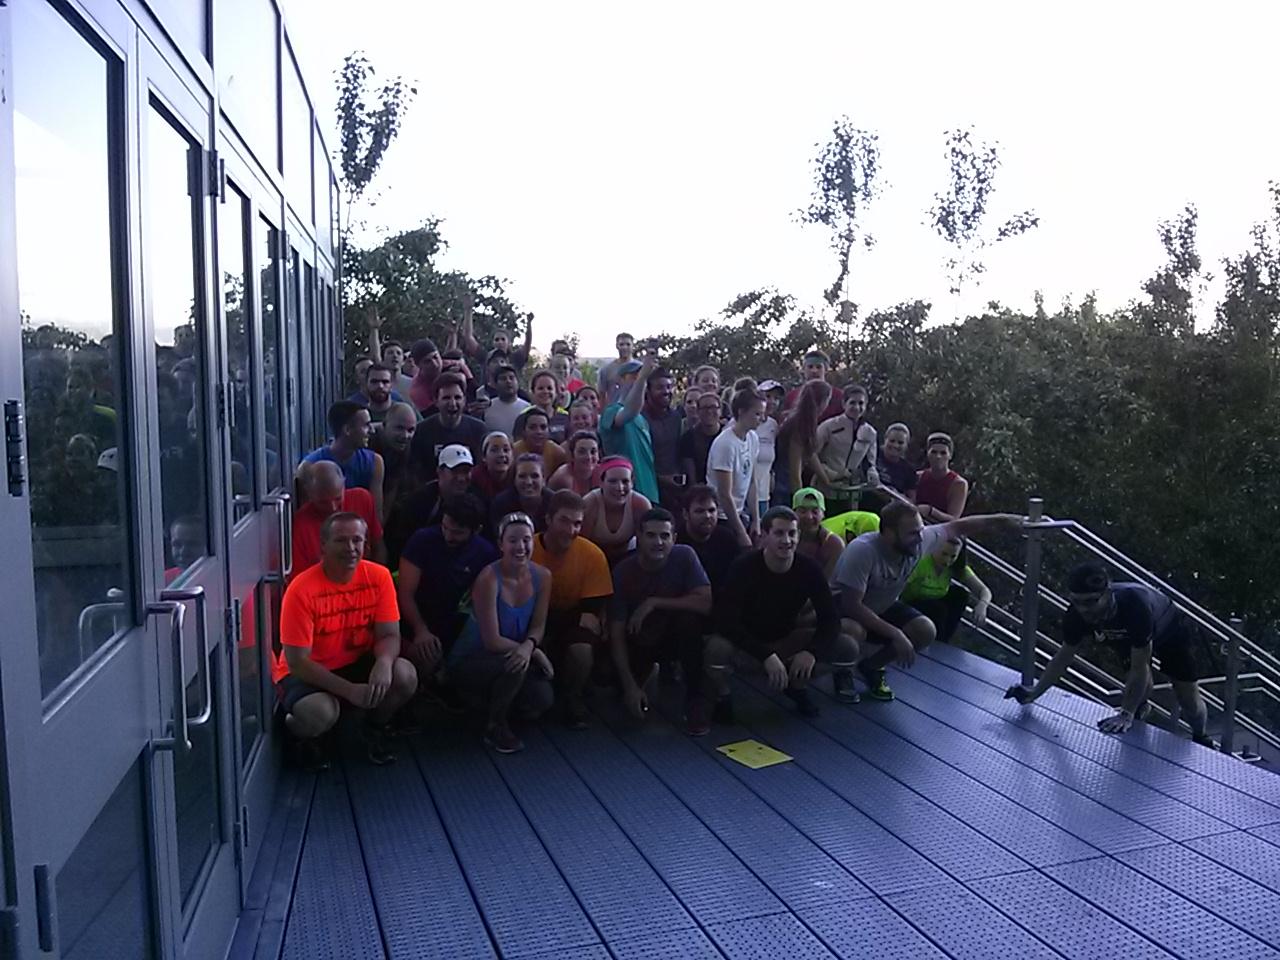 615 Group November Project Denver